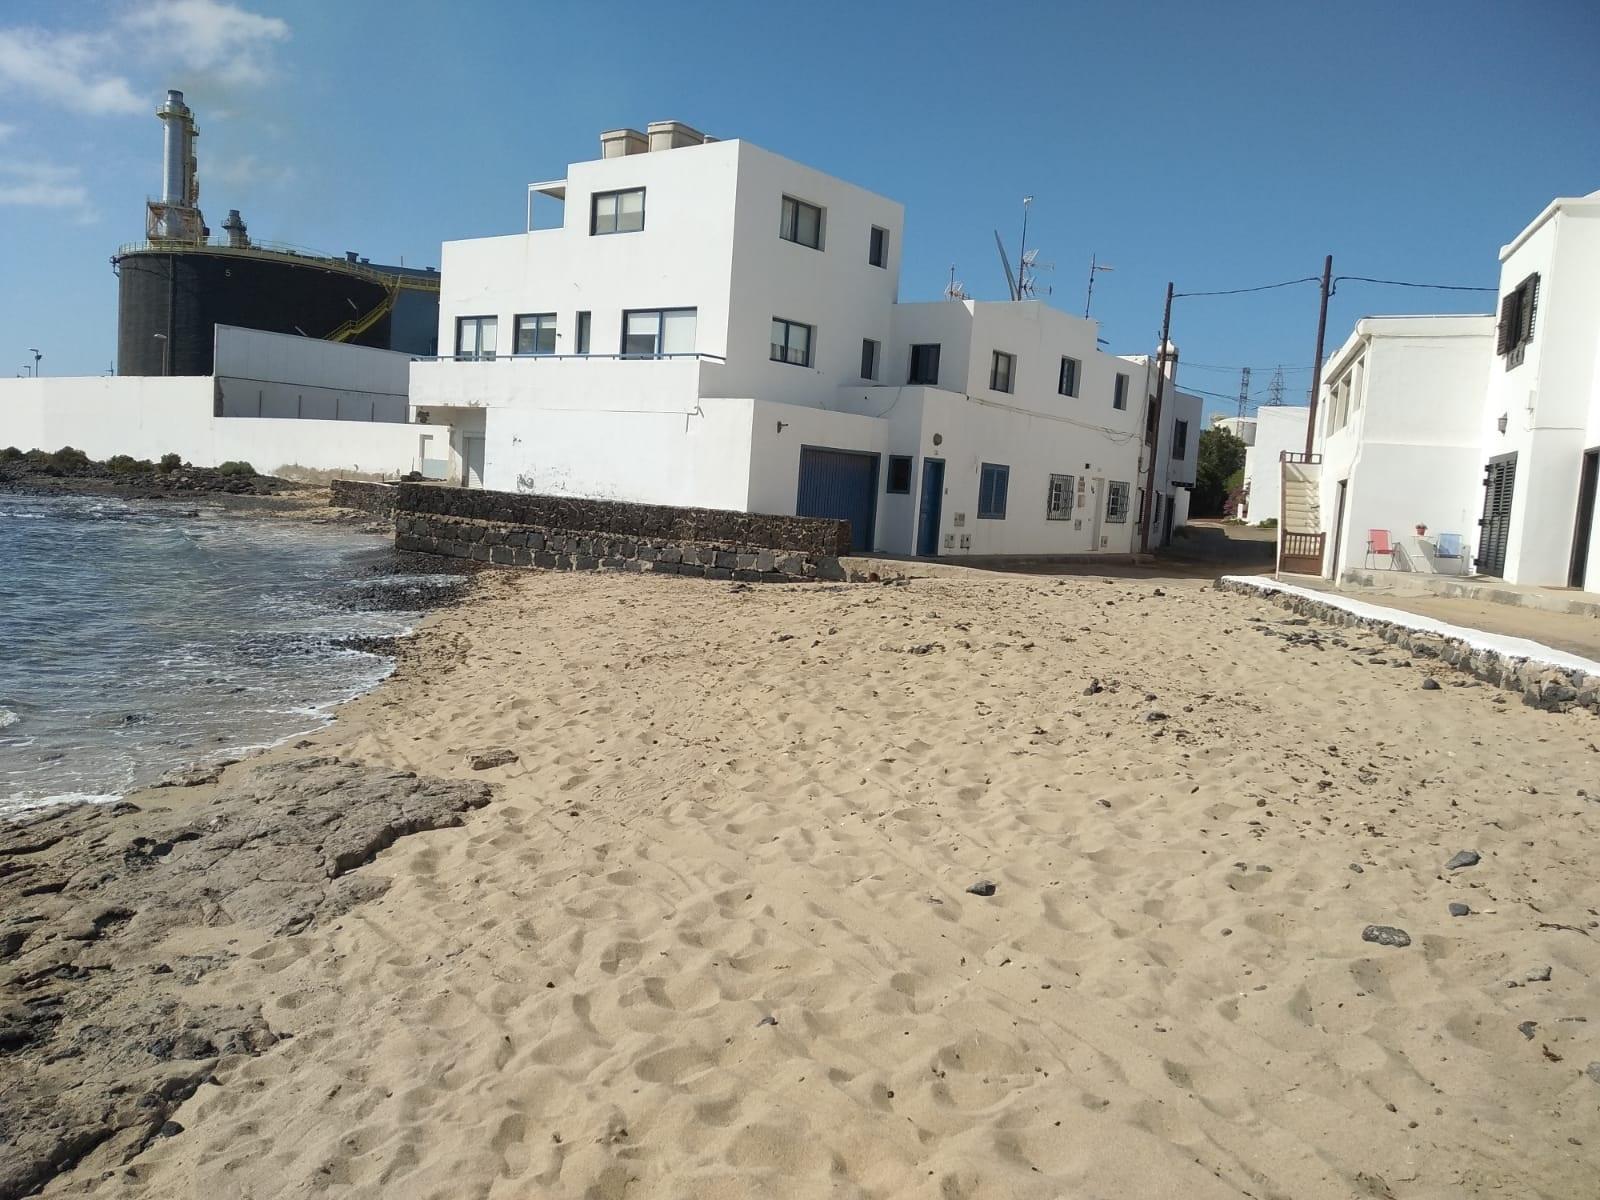 El Área de Playas y Medio Ambiente del Ayuntamiento de Arrecife pone en marcha un plan de limpieza de todas las playas de la capital